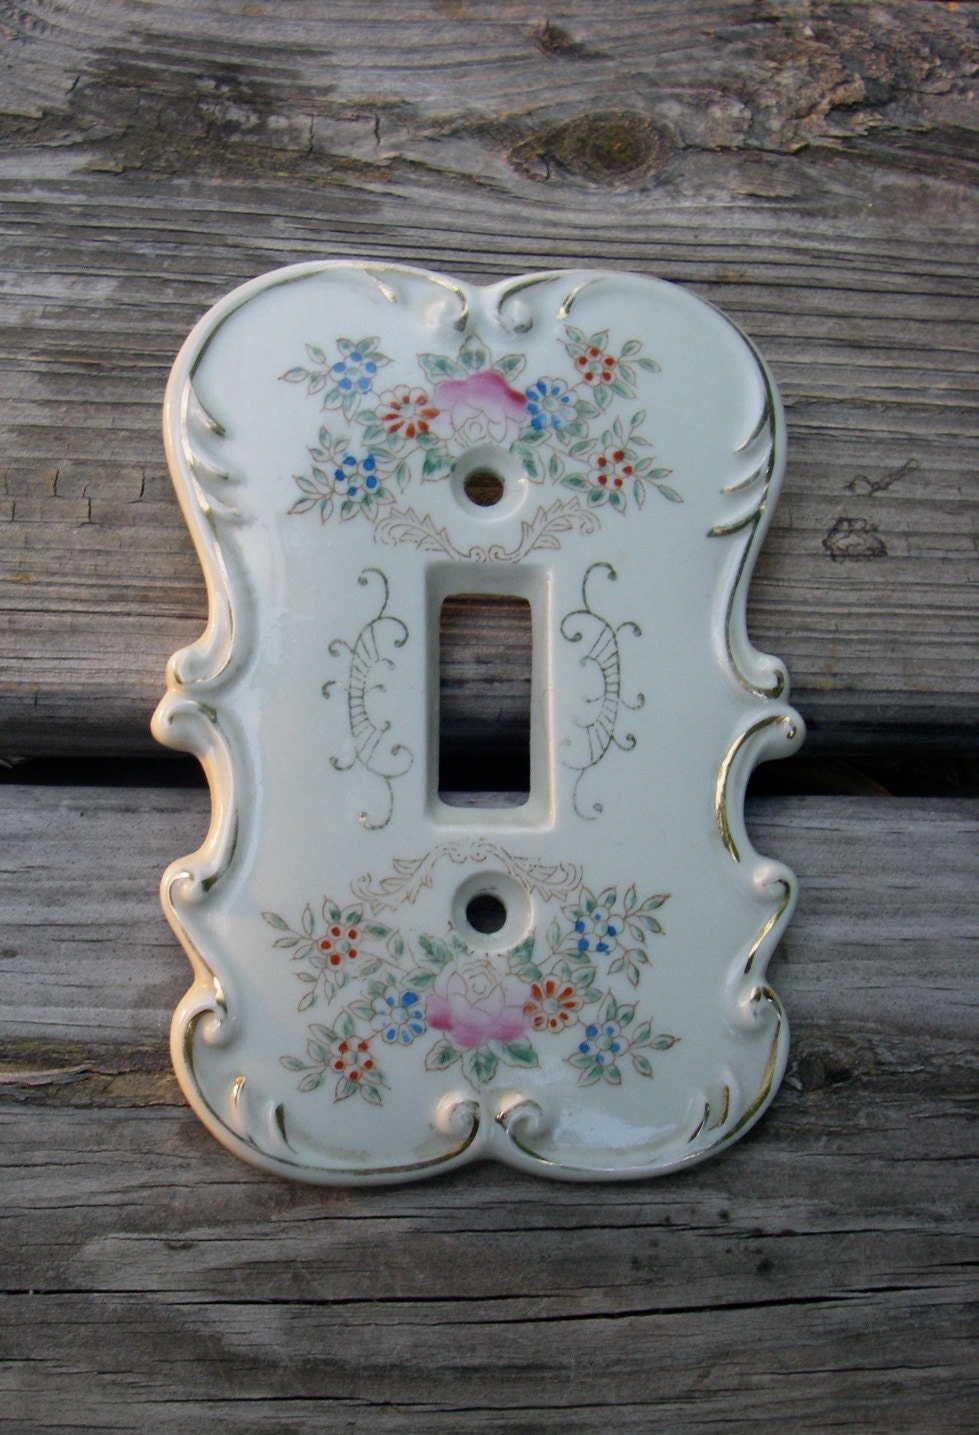 Vintage Porcelain Japan Light Switch Plate Cover Rose Floral